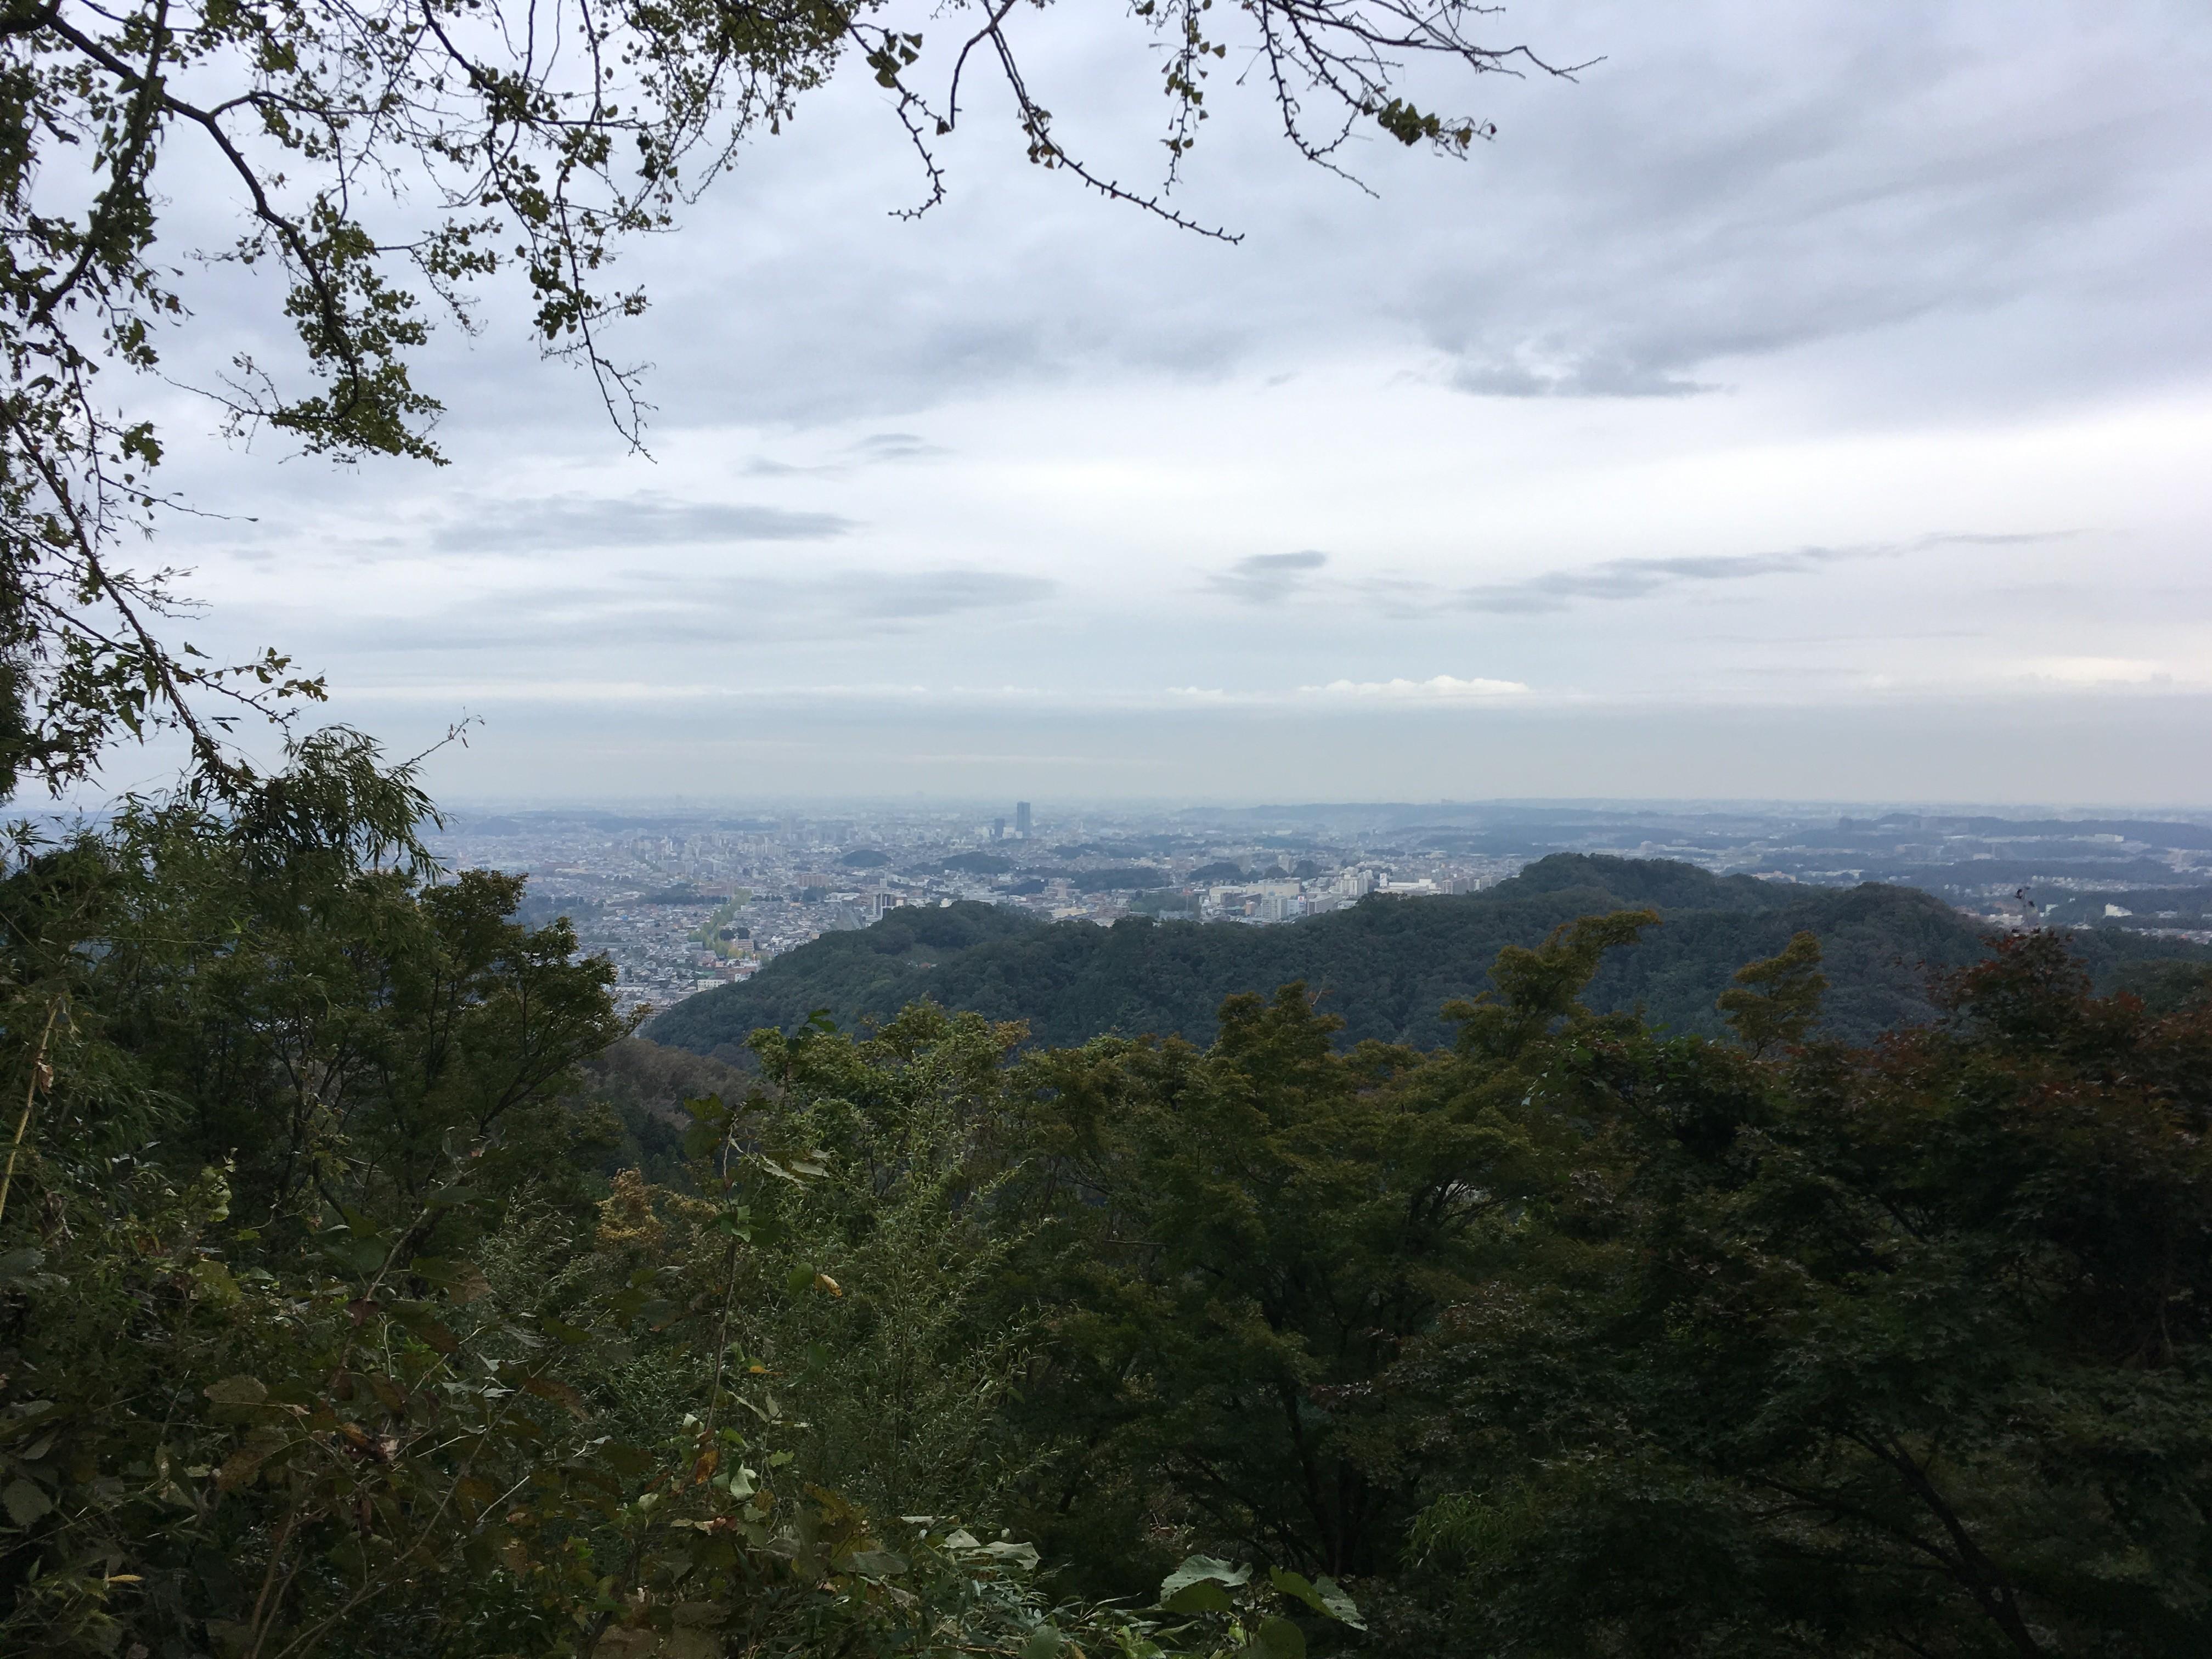 城見台からの景観